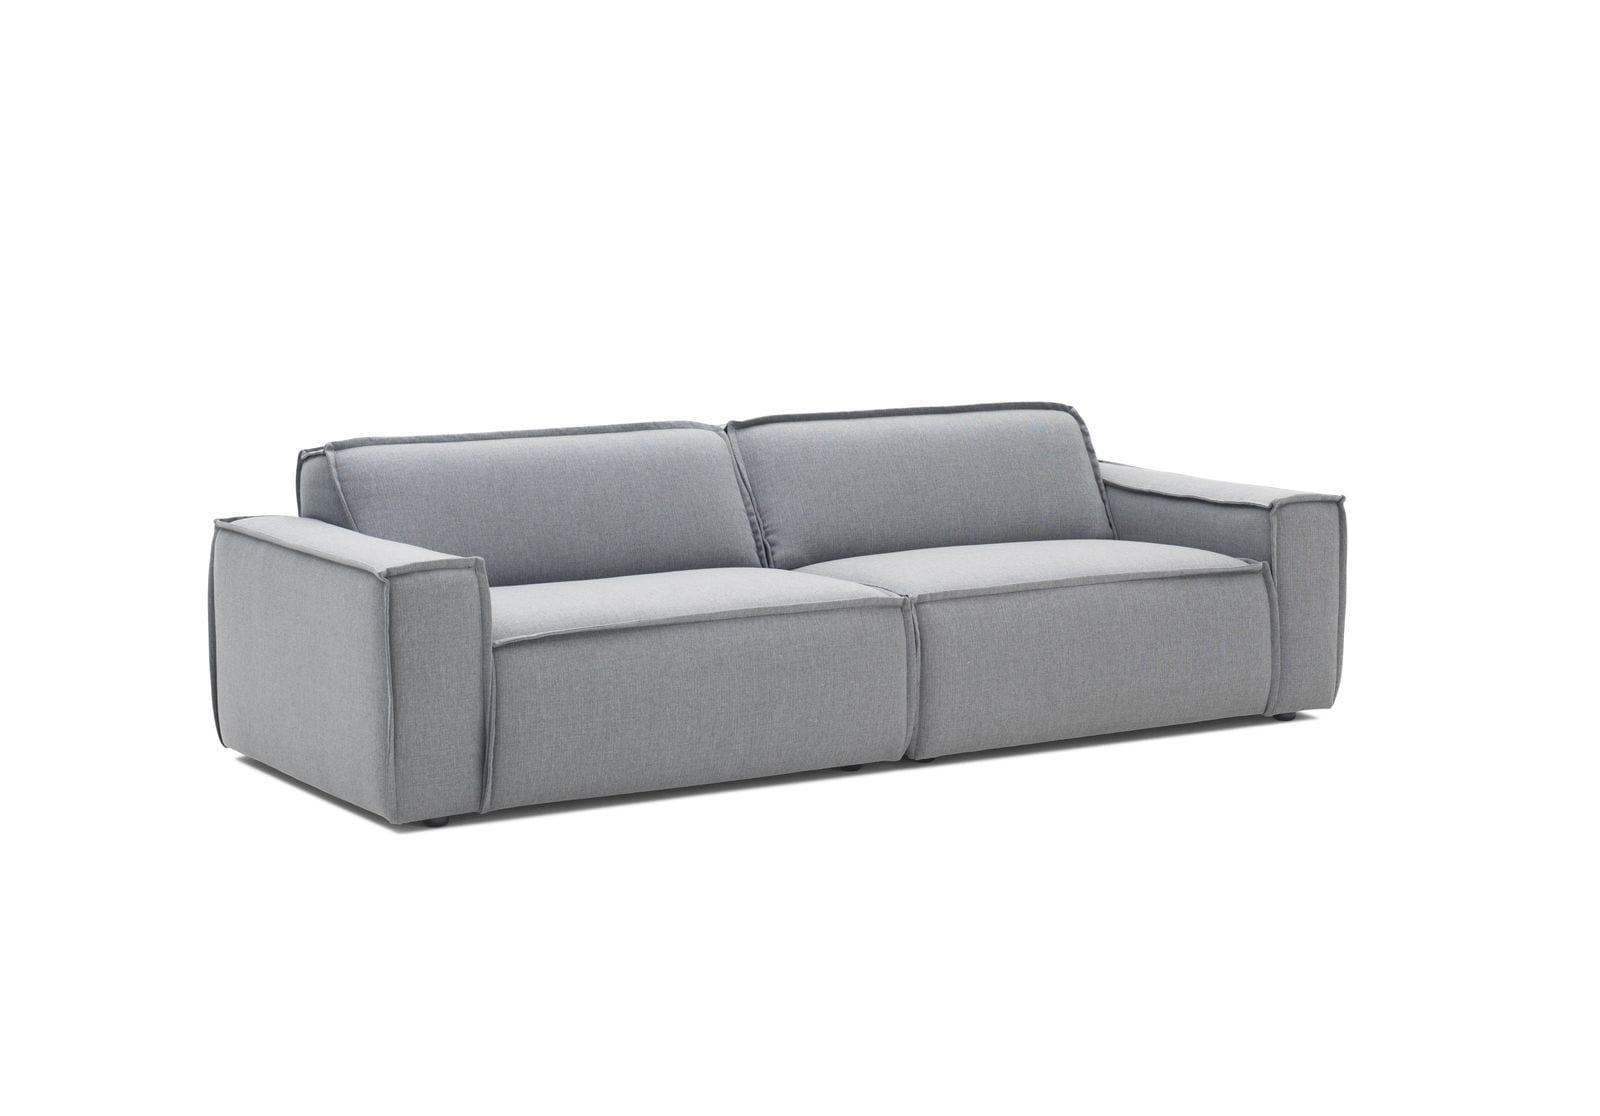 ספות יוקרה לסלון - ספה מודולרית